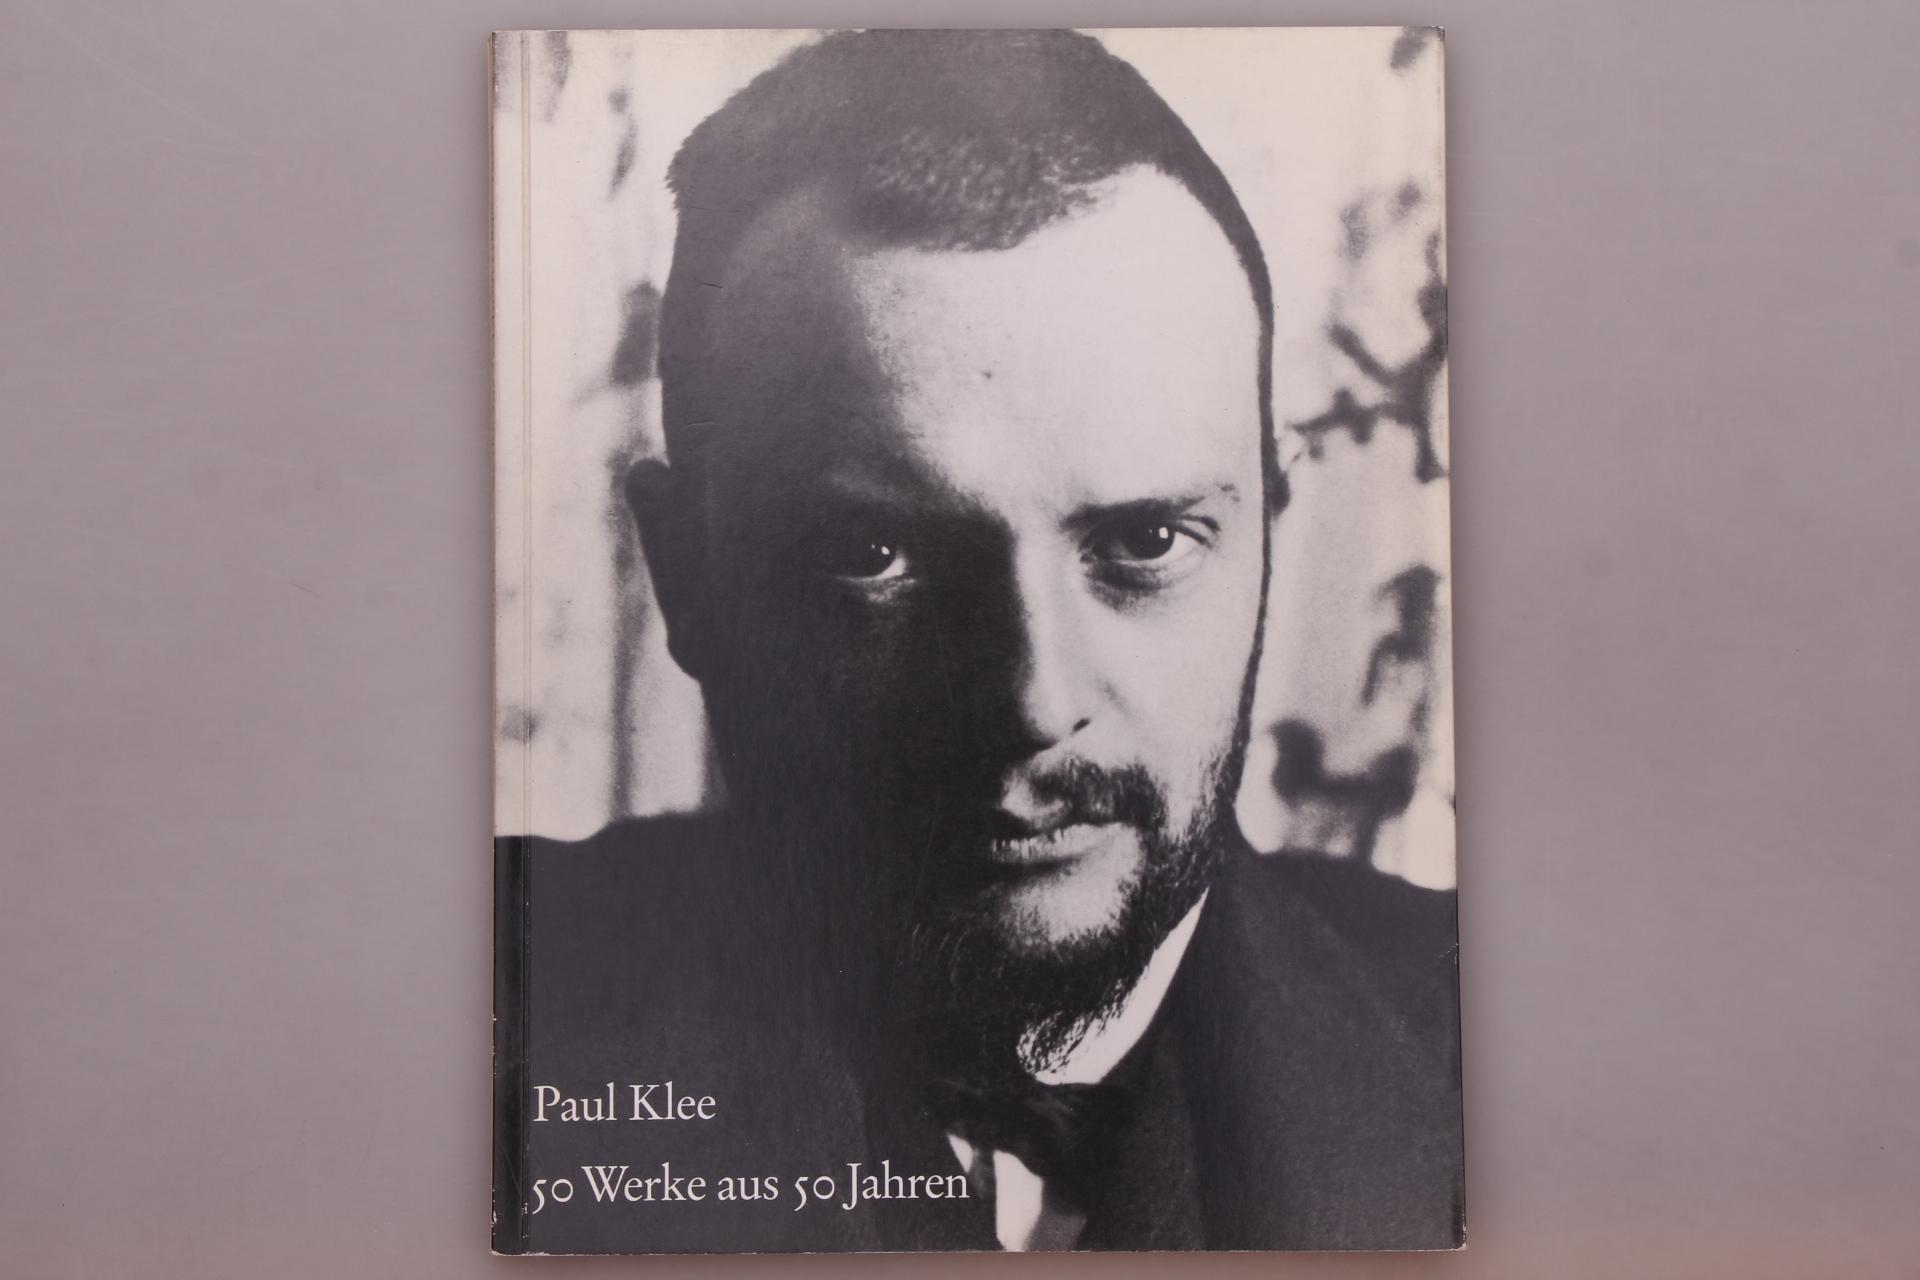 50 WERKE AUS 50 JAHREN 1890-1940.: Klee, Paul